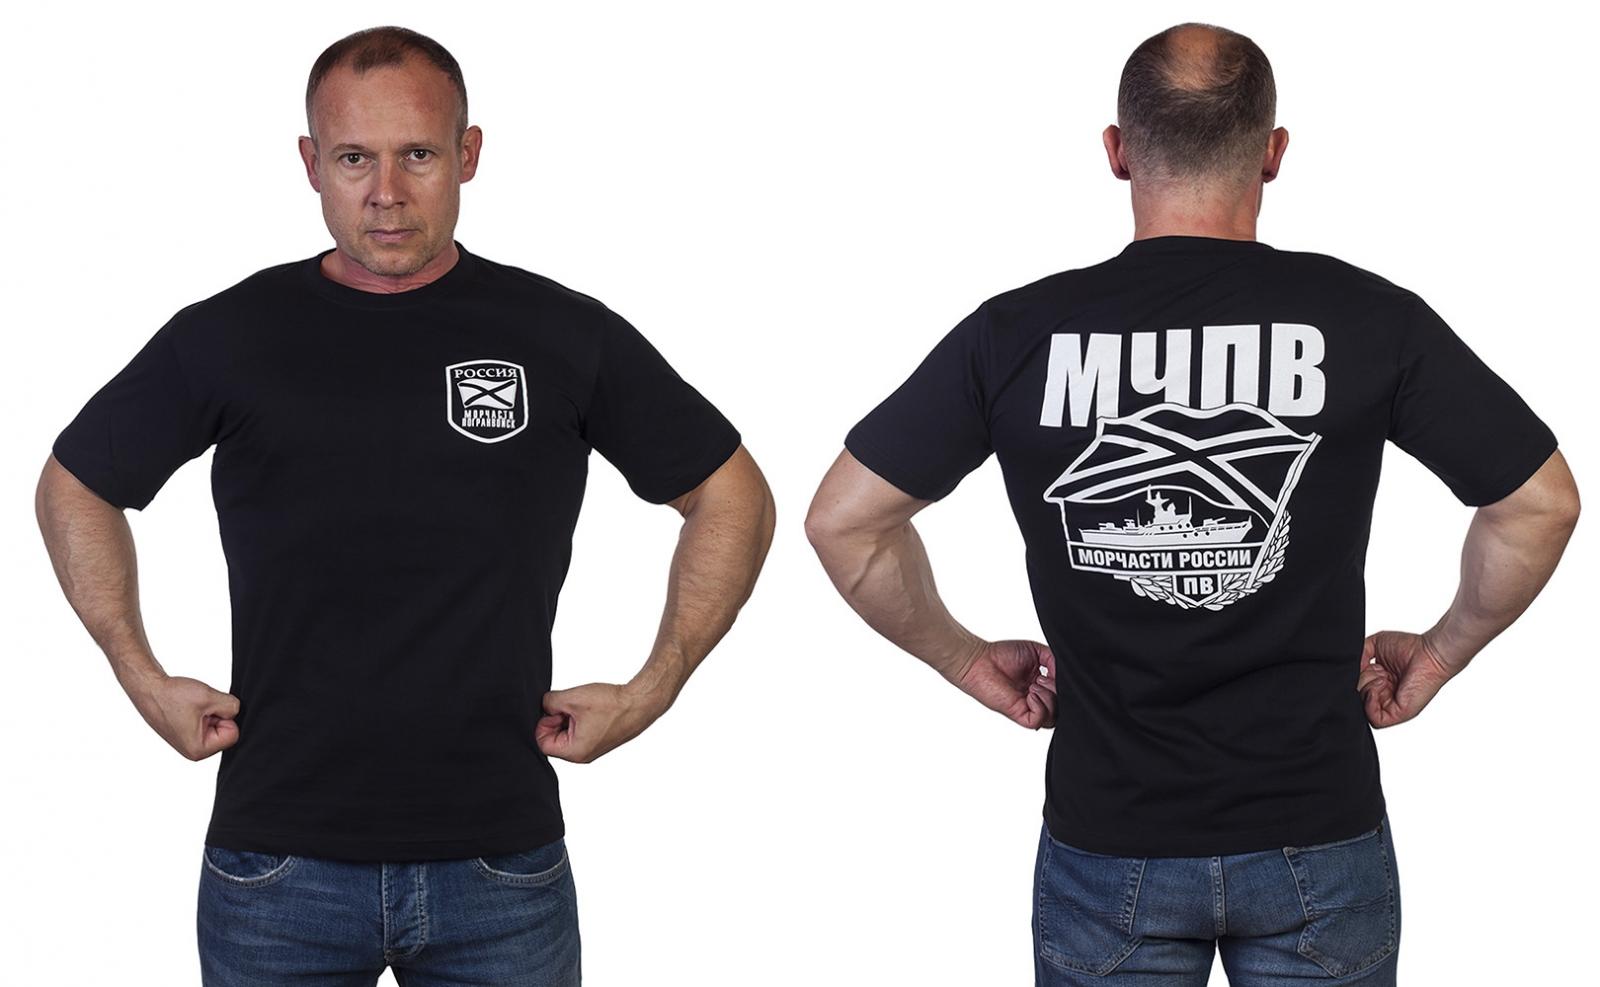 Купить футболку «МЧПВ» - купить выгодно